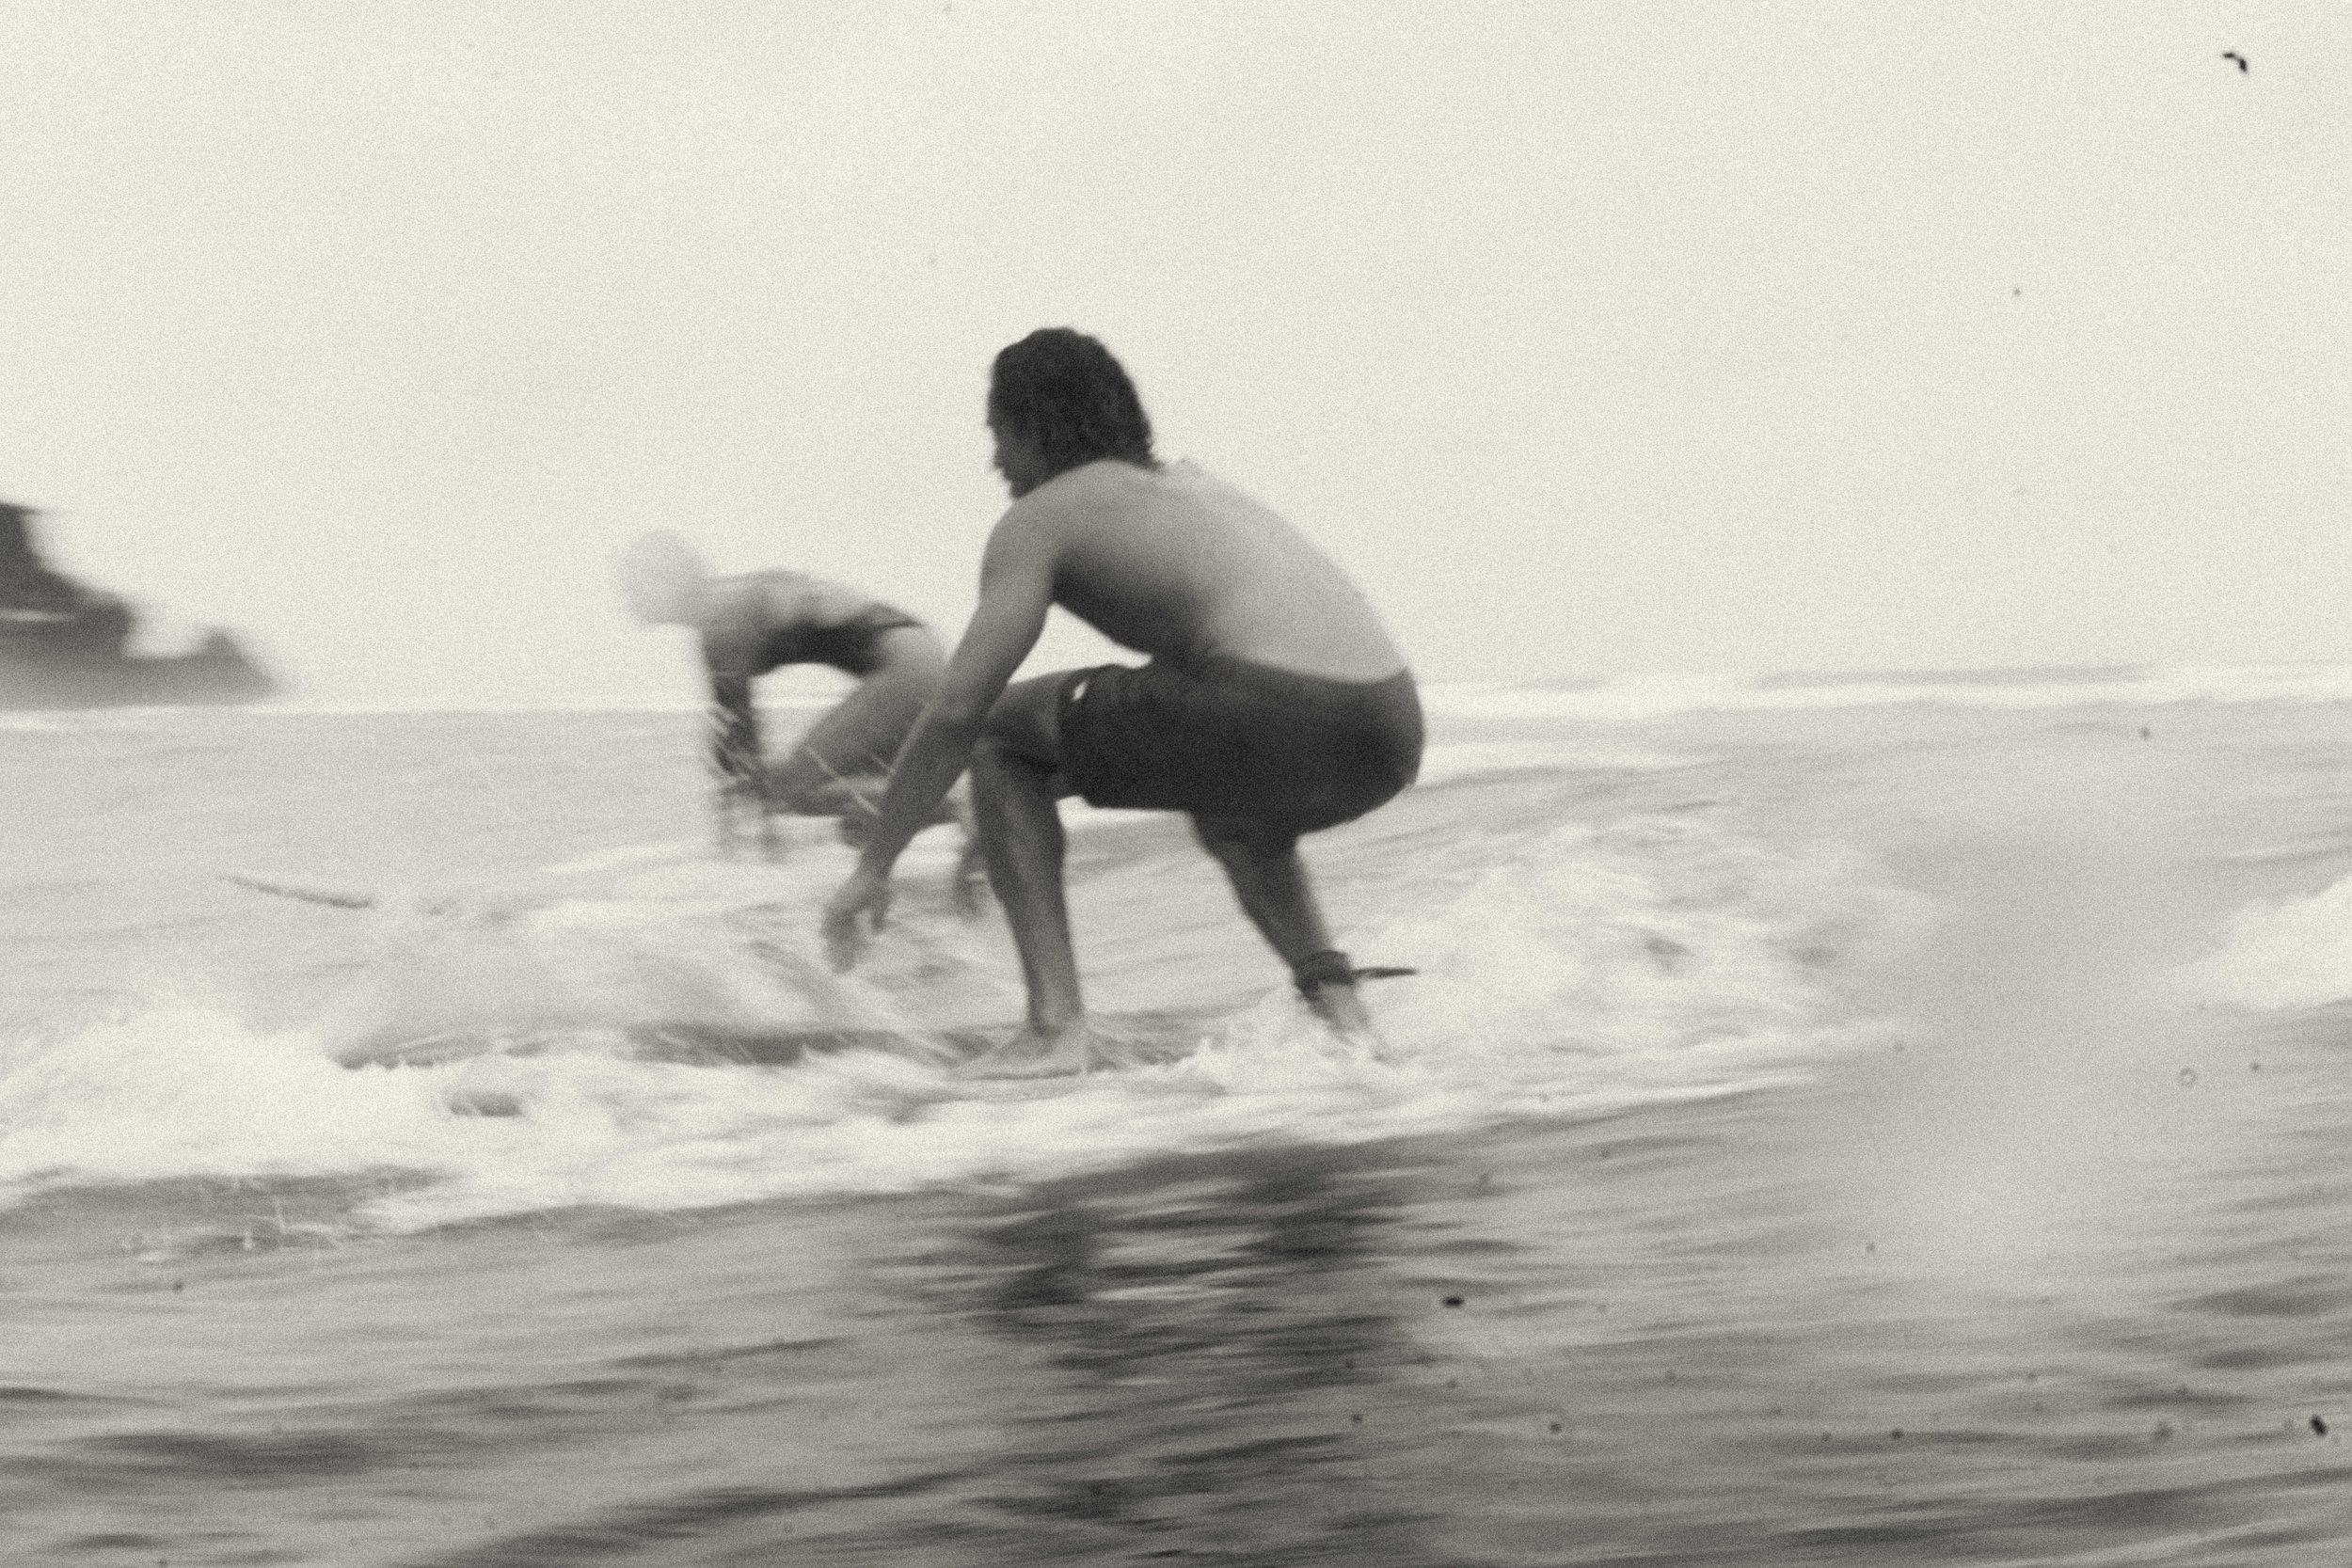 erik_winter_surf_surfing_3.jpg